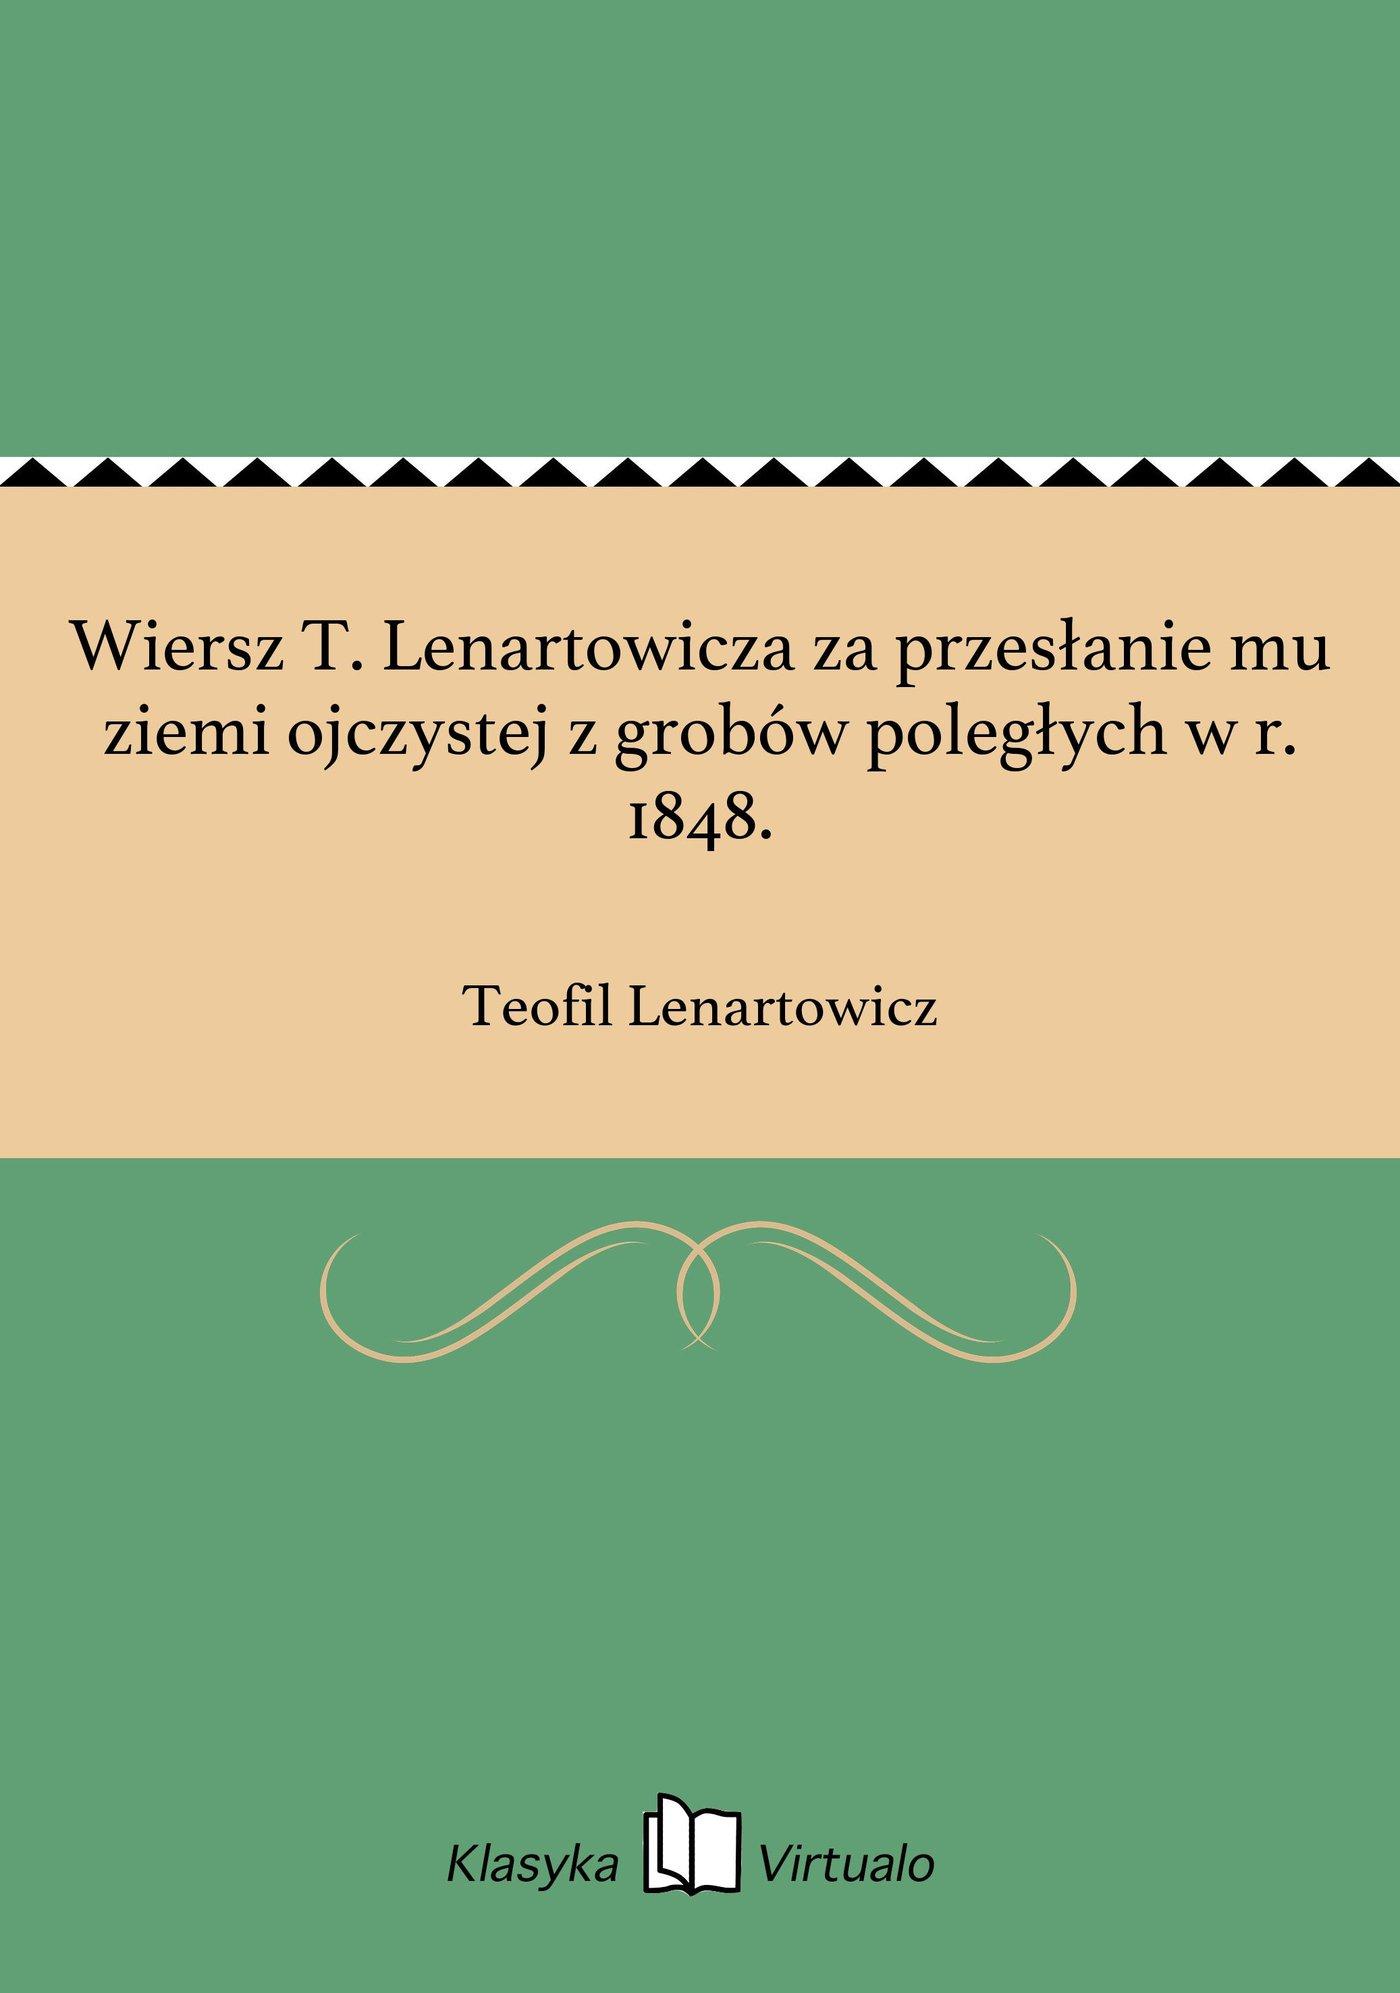 Wiersz T. Lenartowicza za przesłanie mu ziemi ojczystej z grobów poległych w r. 1848. - Ebook (Książka EPUB) do pobrania w formacie EPUB